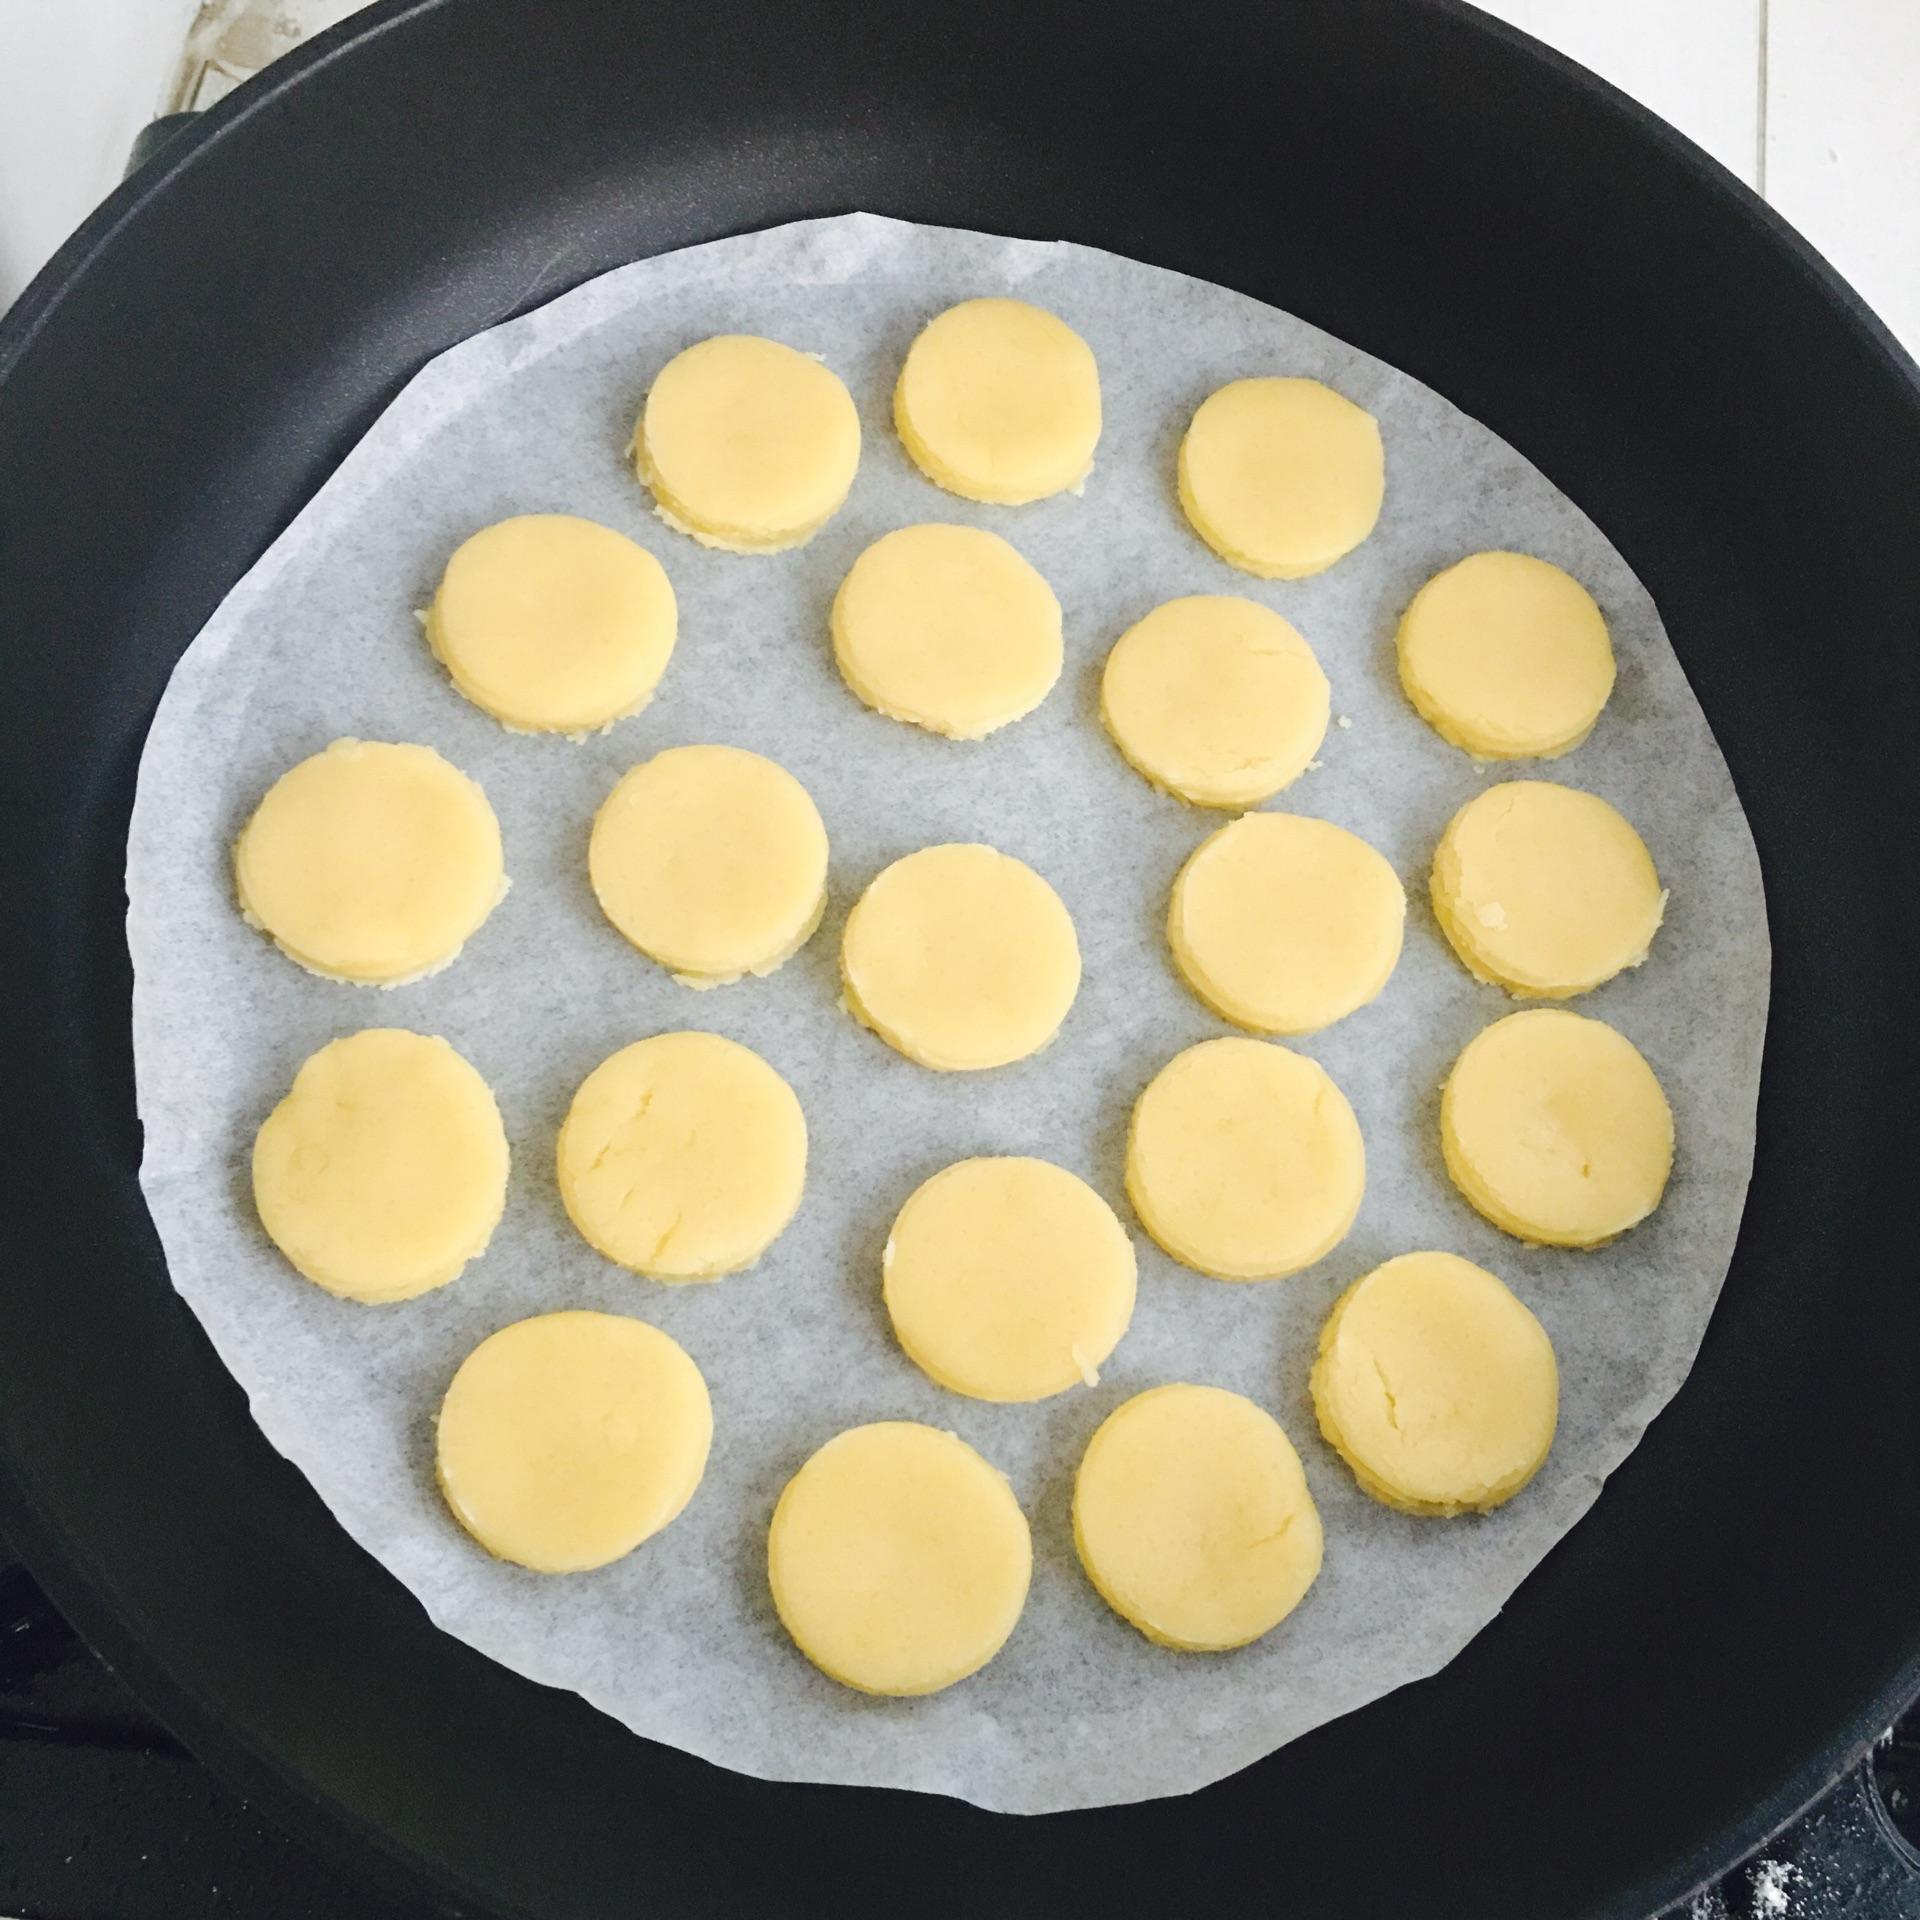 平底锅饼干的做法步骤